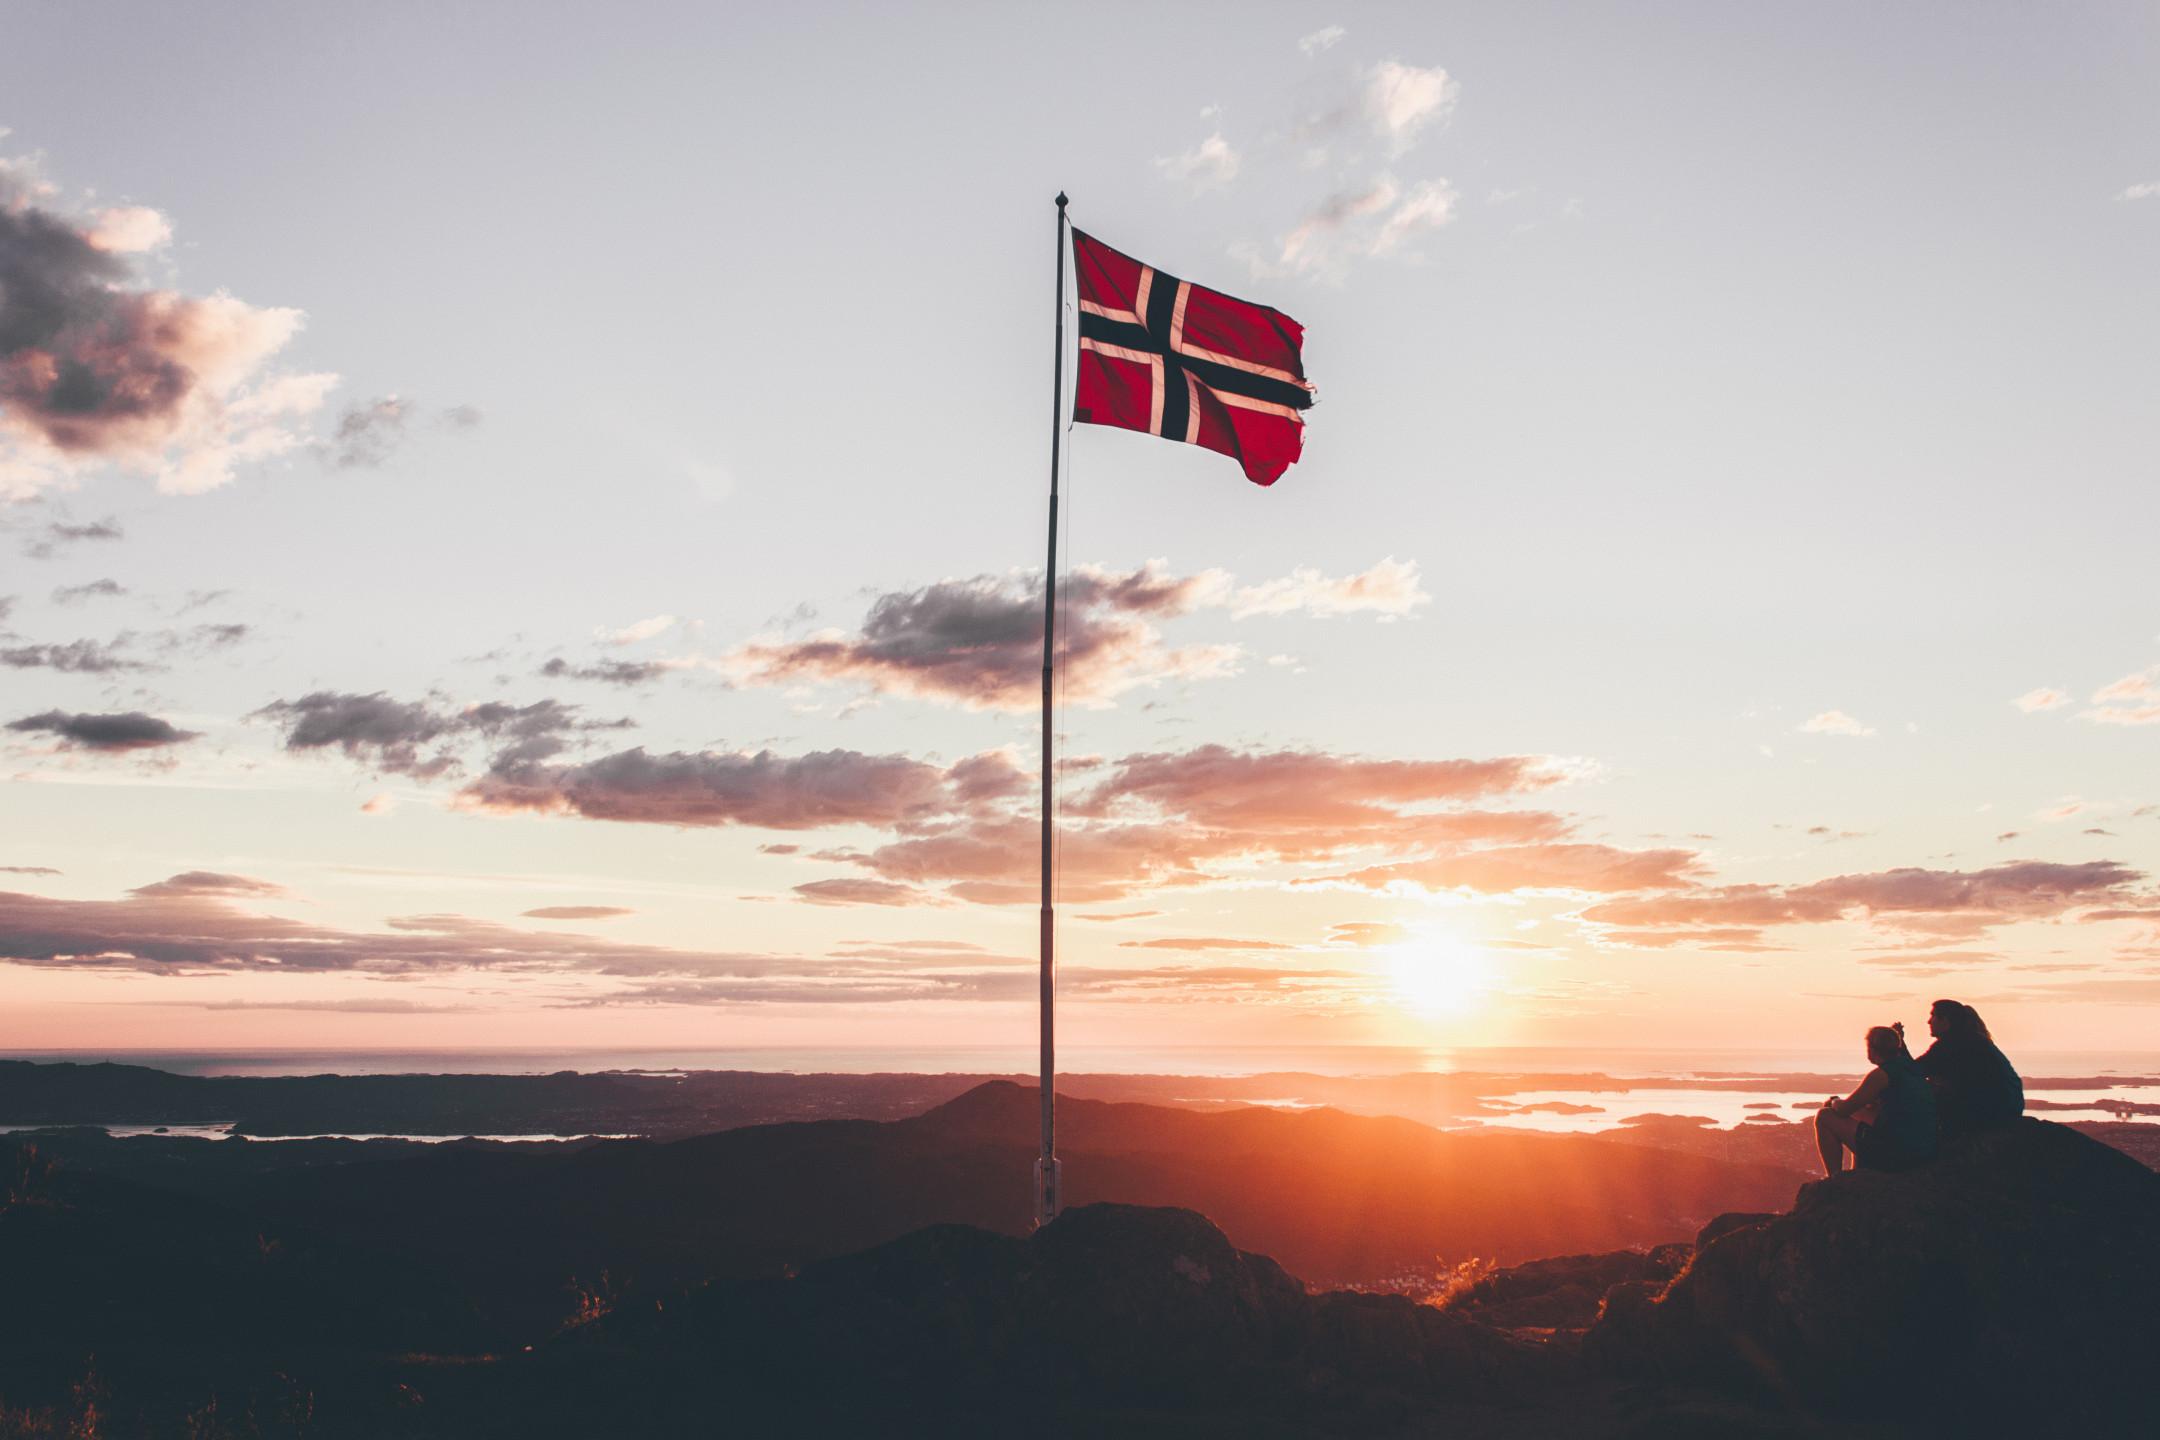 Norwegian Krone drops lower around 9.6200